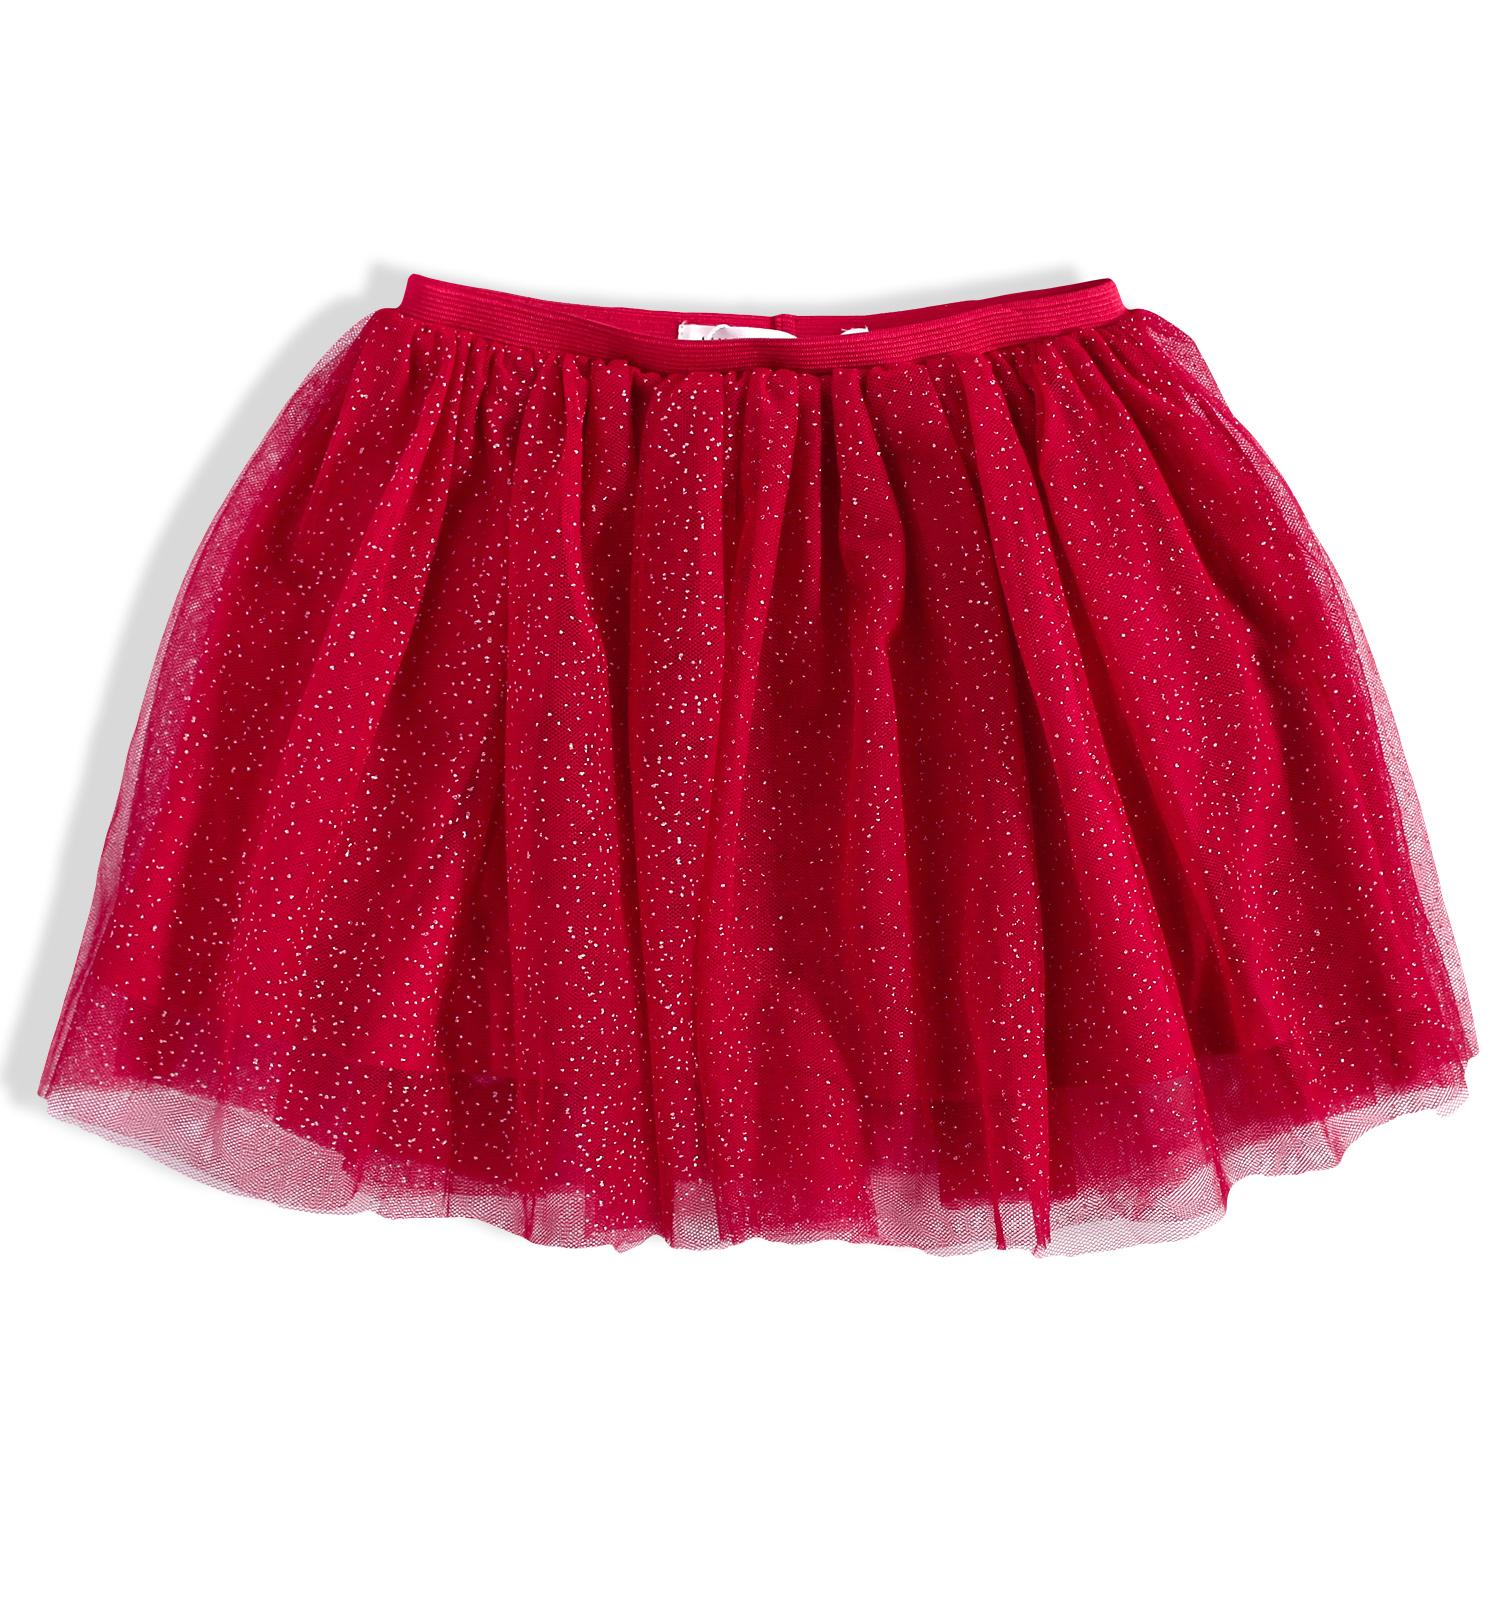 Dívčí tutu sukně MINOTI BERRY vínová Velikost: 86-92